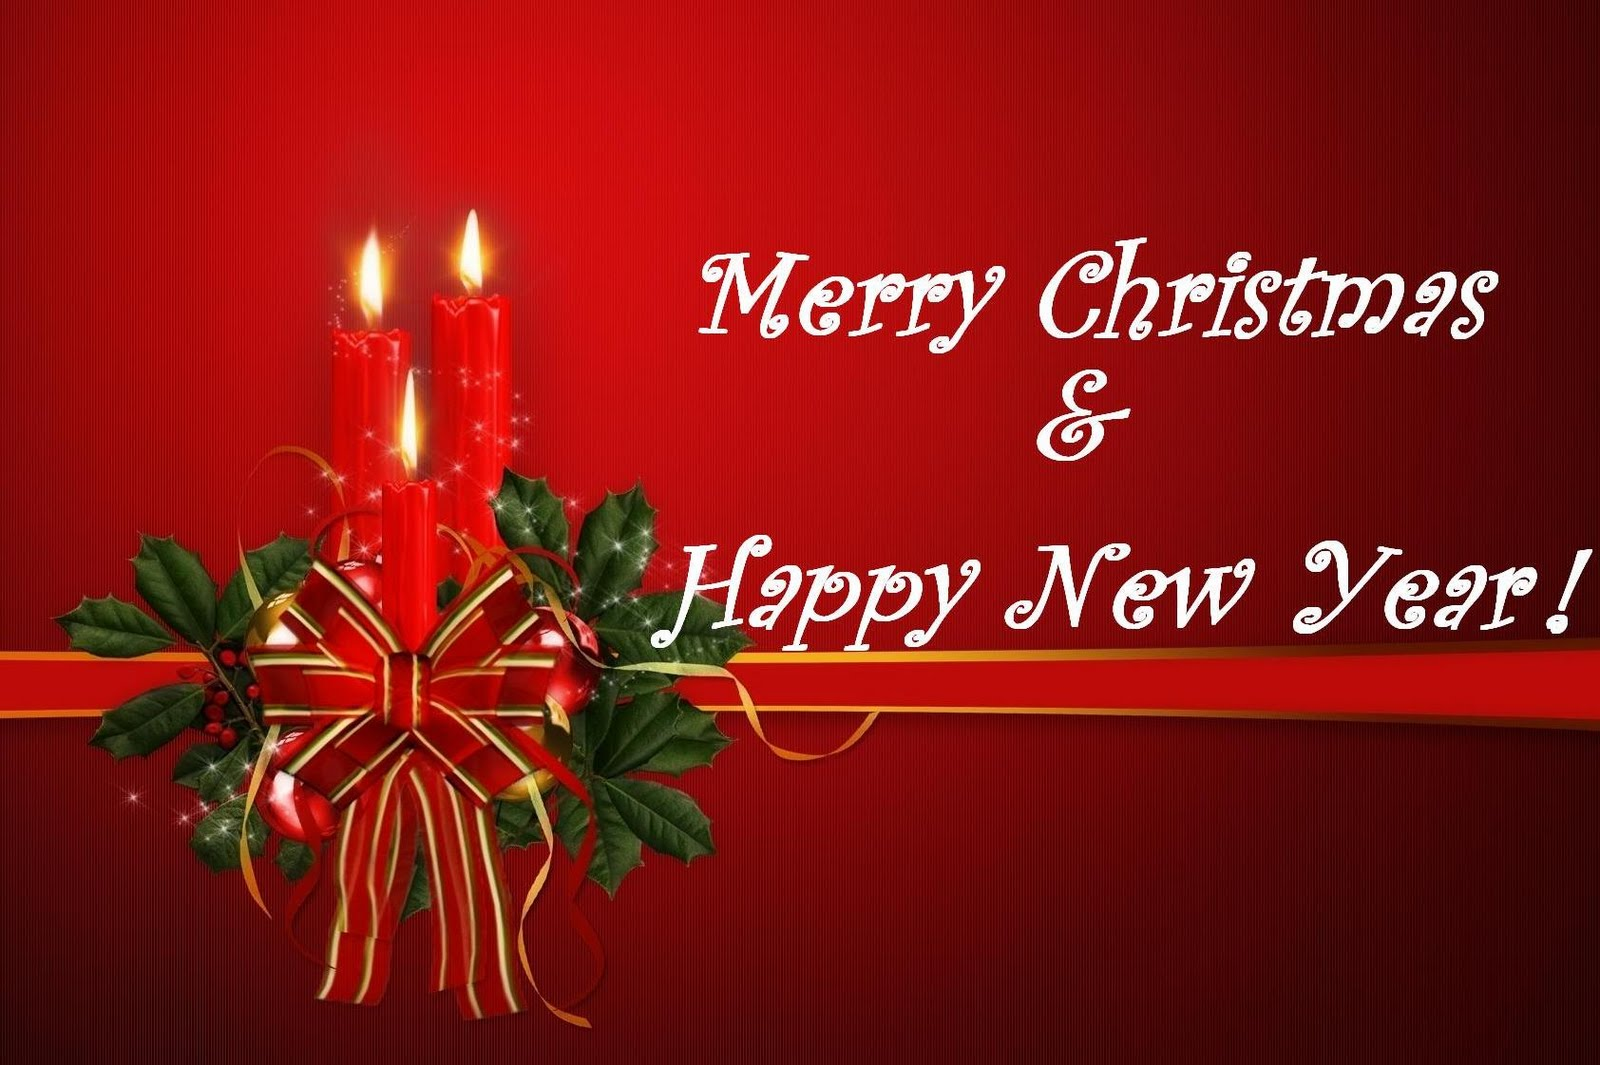 Frasi In Inglese Di Natale.Frasi Di Auguri Natalizi In Inglese Disegni Di Natale 2019